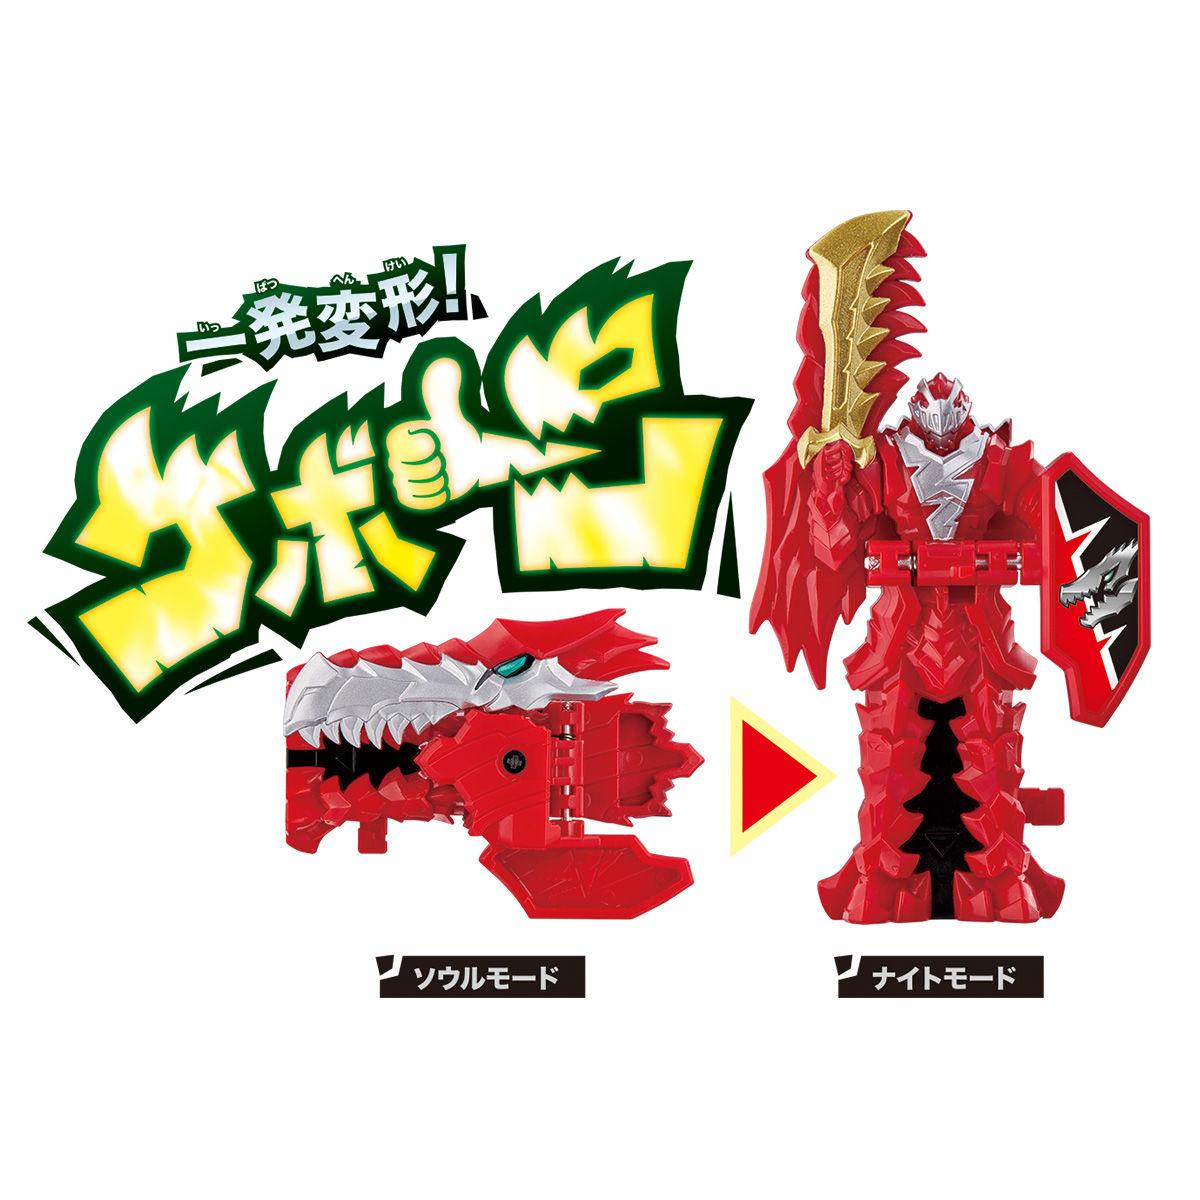 騎士竜戦隊リュウソウジャー『騎士竜シリーズ01 竜装合体 DXキシリュウオー』可変可動フィギュア-005